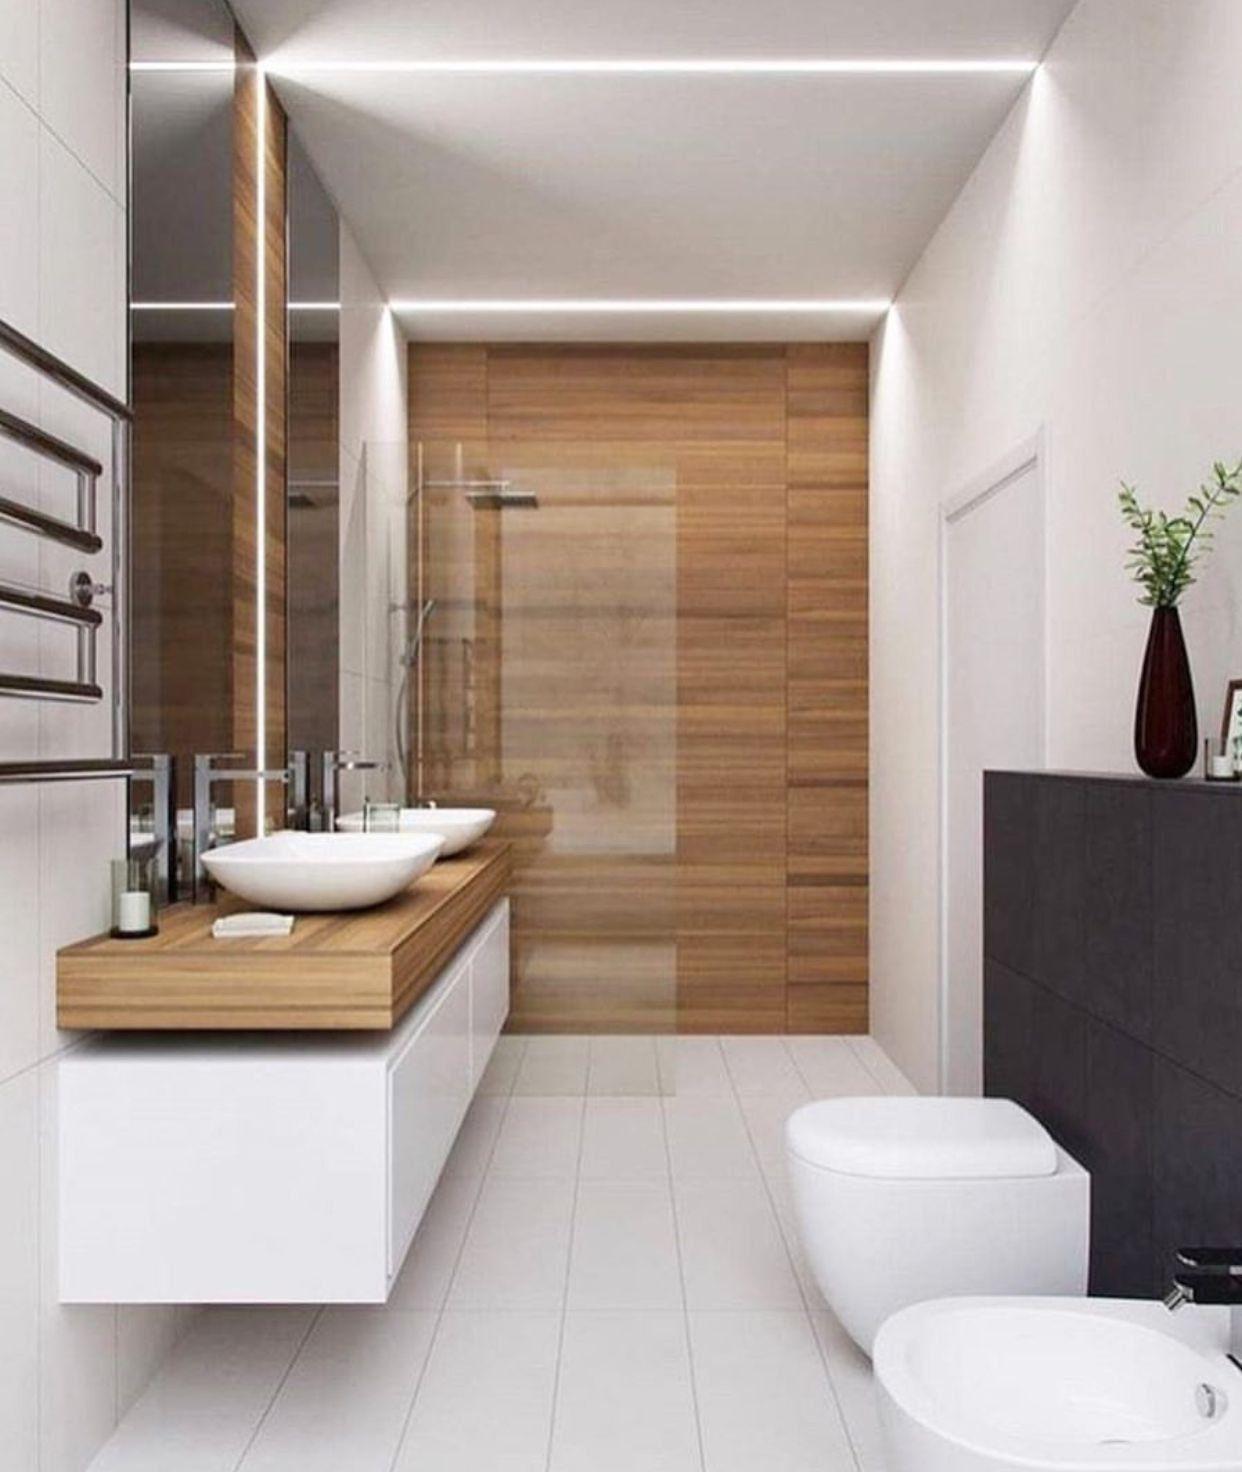 10 Small Bathroom Ideas For Minimalist Houses The Other Small Bathroom Design Ideas Are In 2020 Small Bathroom Tiles Small Bathroom Remodel Cost Master Bathroom Design